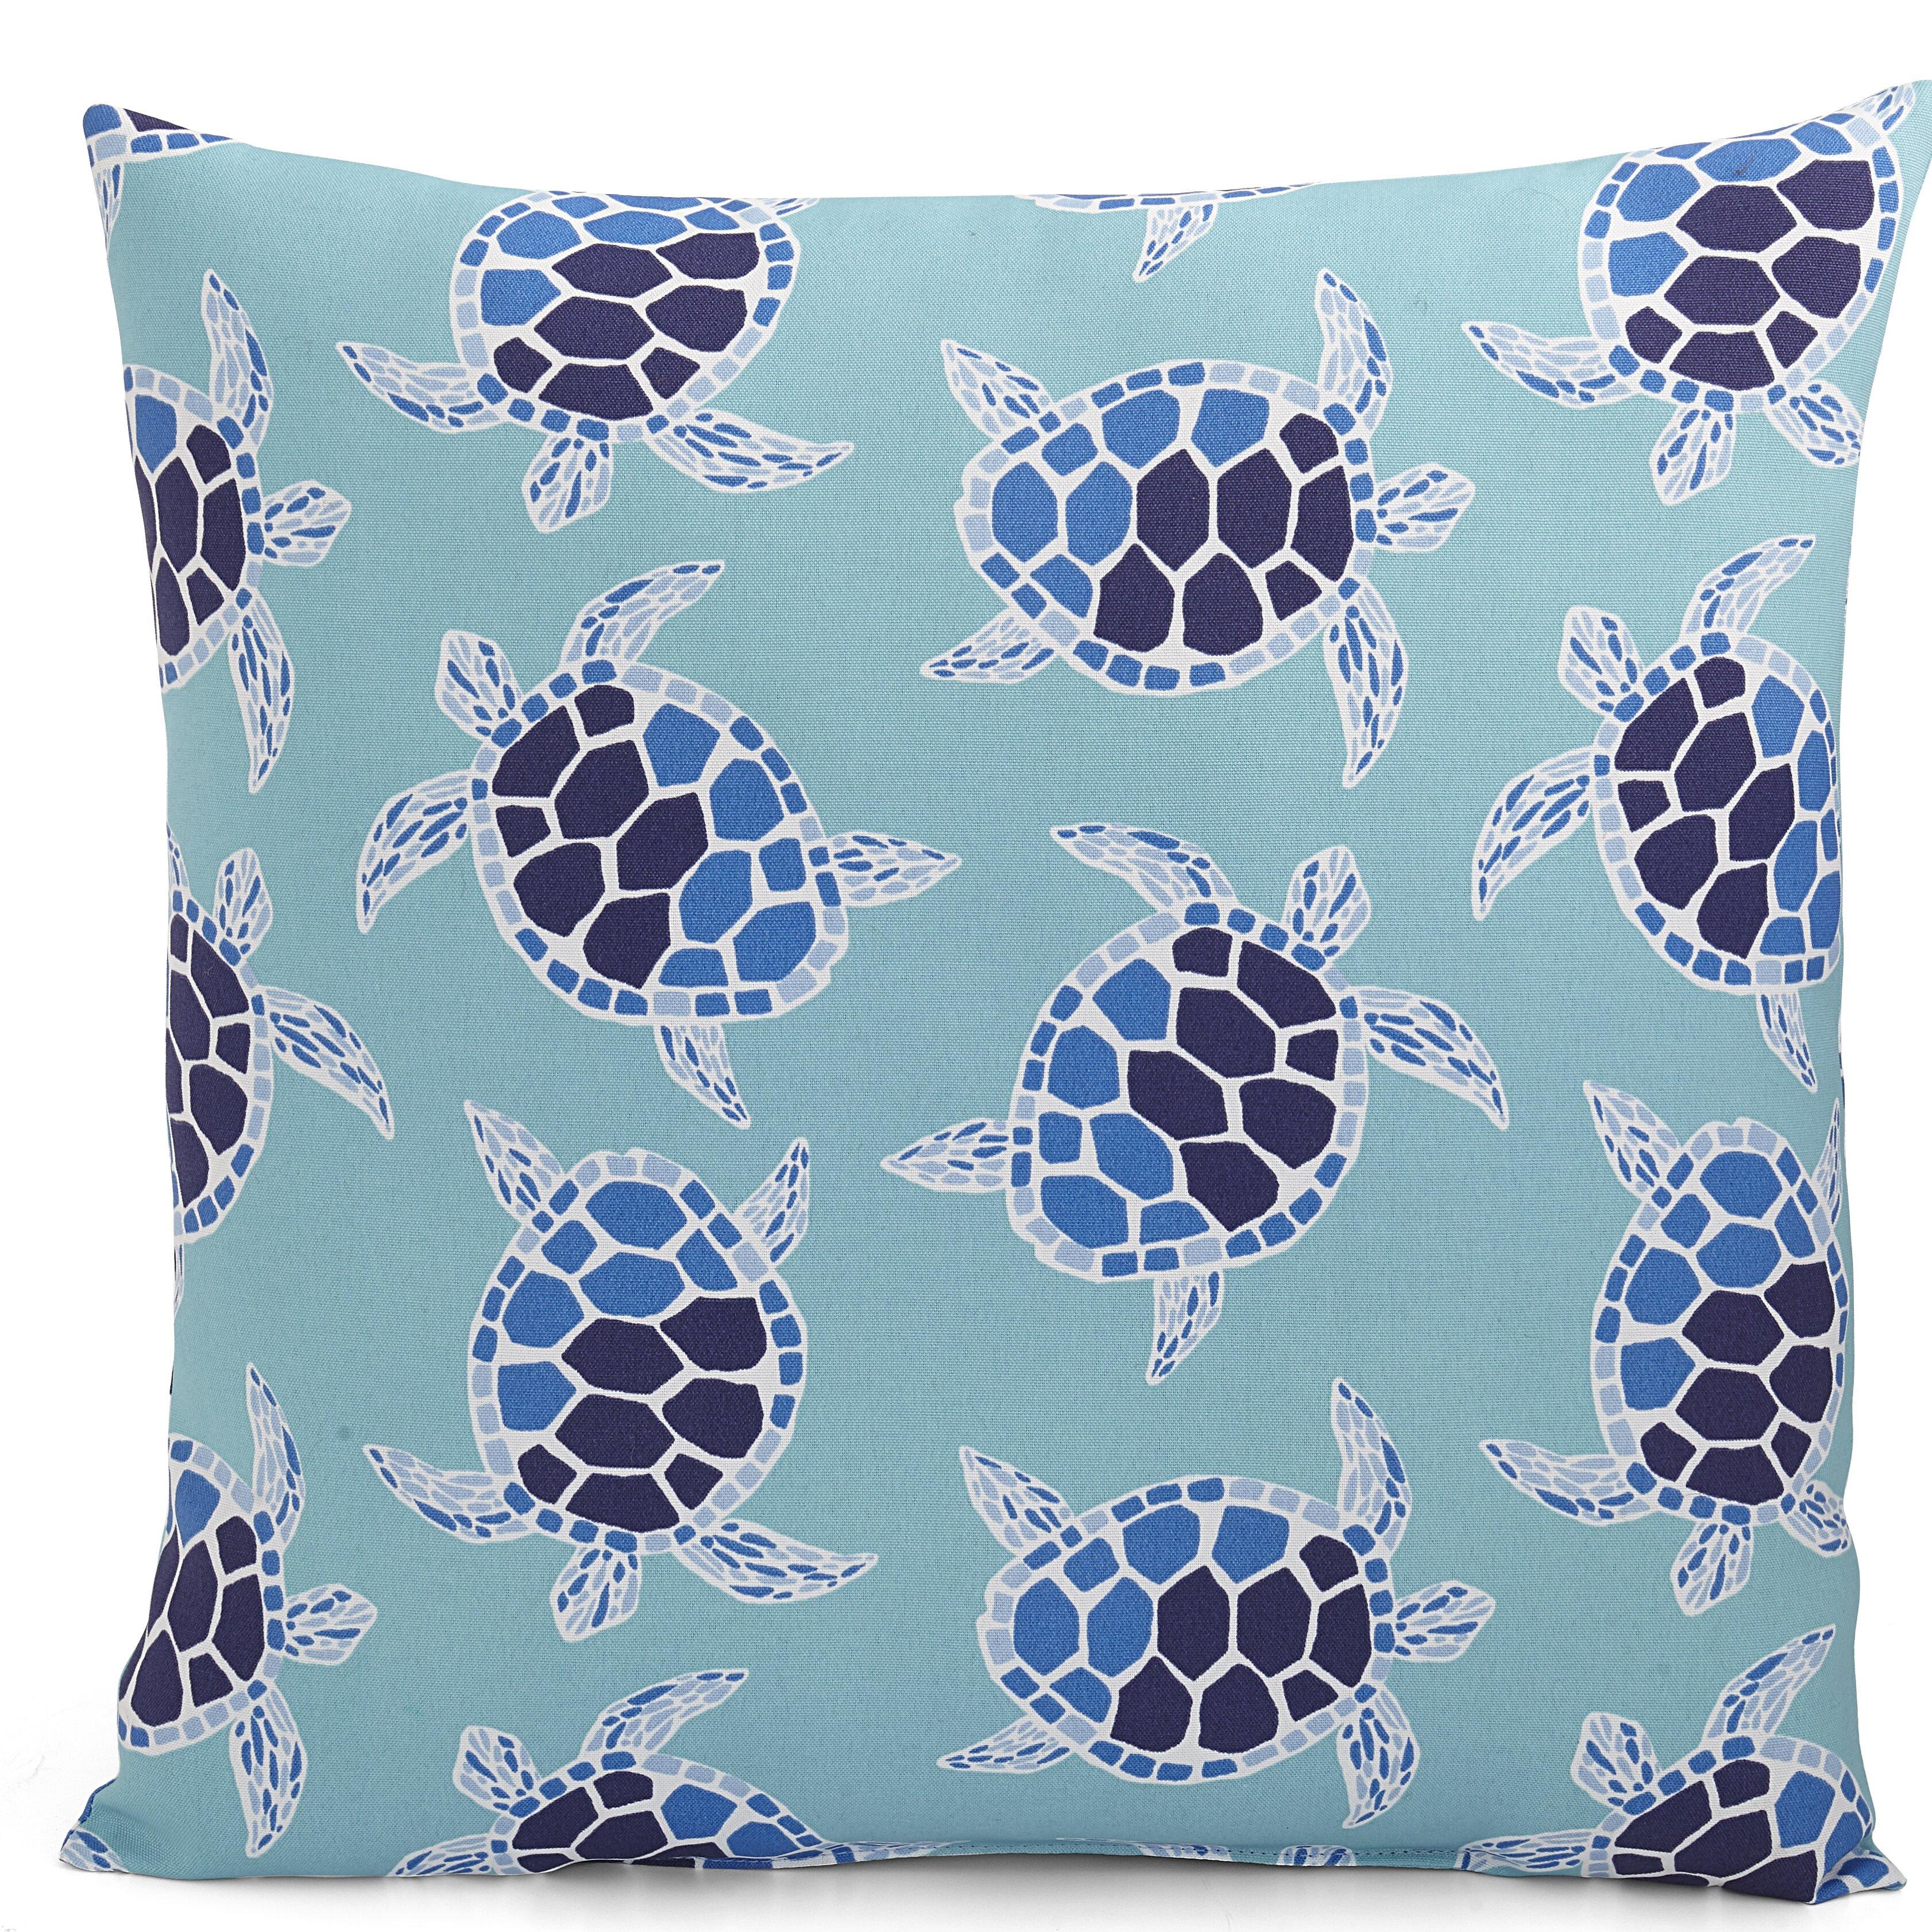 Bayou Breeze Patel Animal Print Tortoise Turquoise Indoor Outdoor Floor Pillow Reviews Wayfair